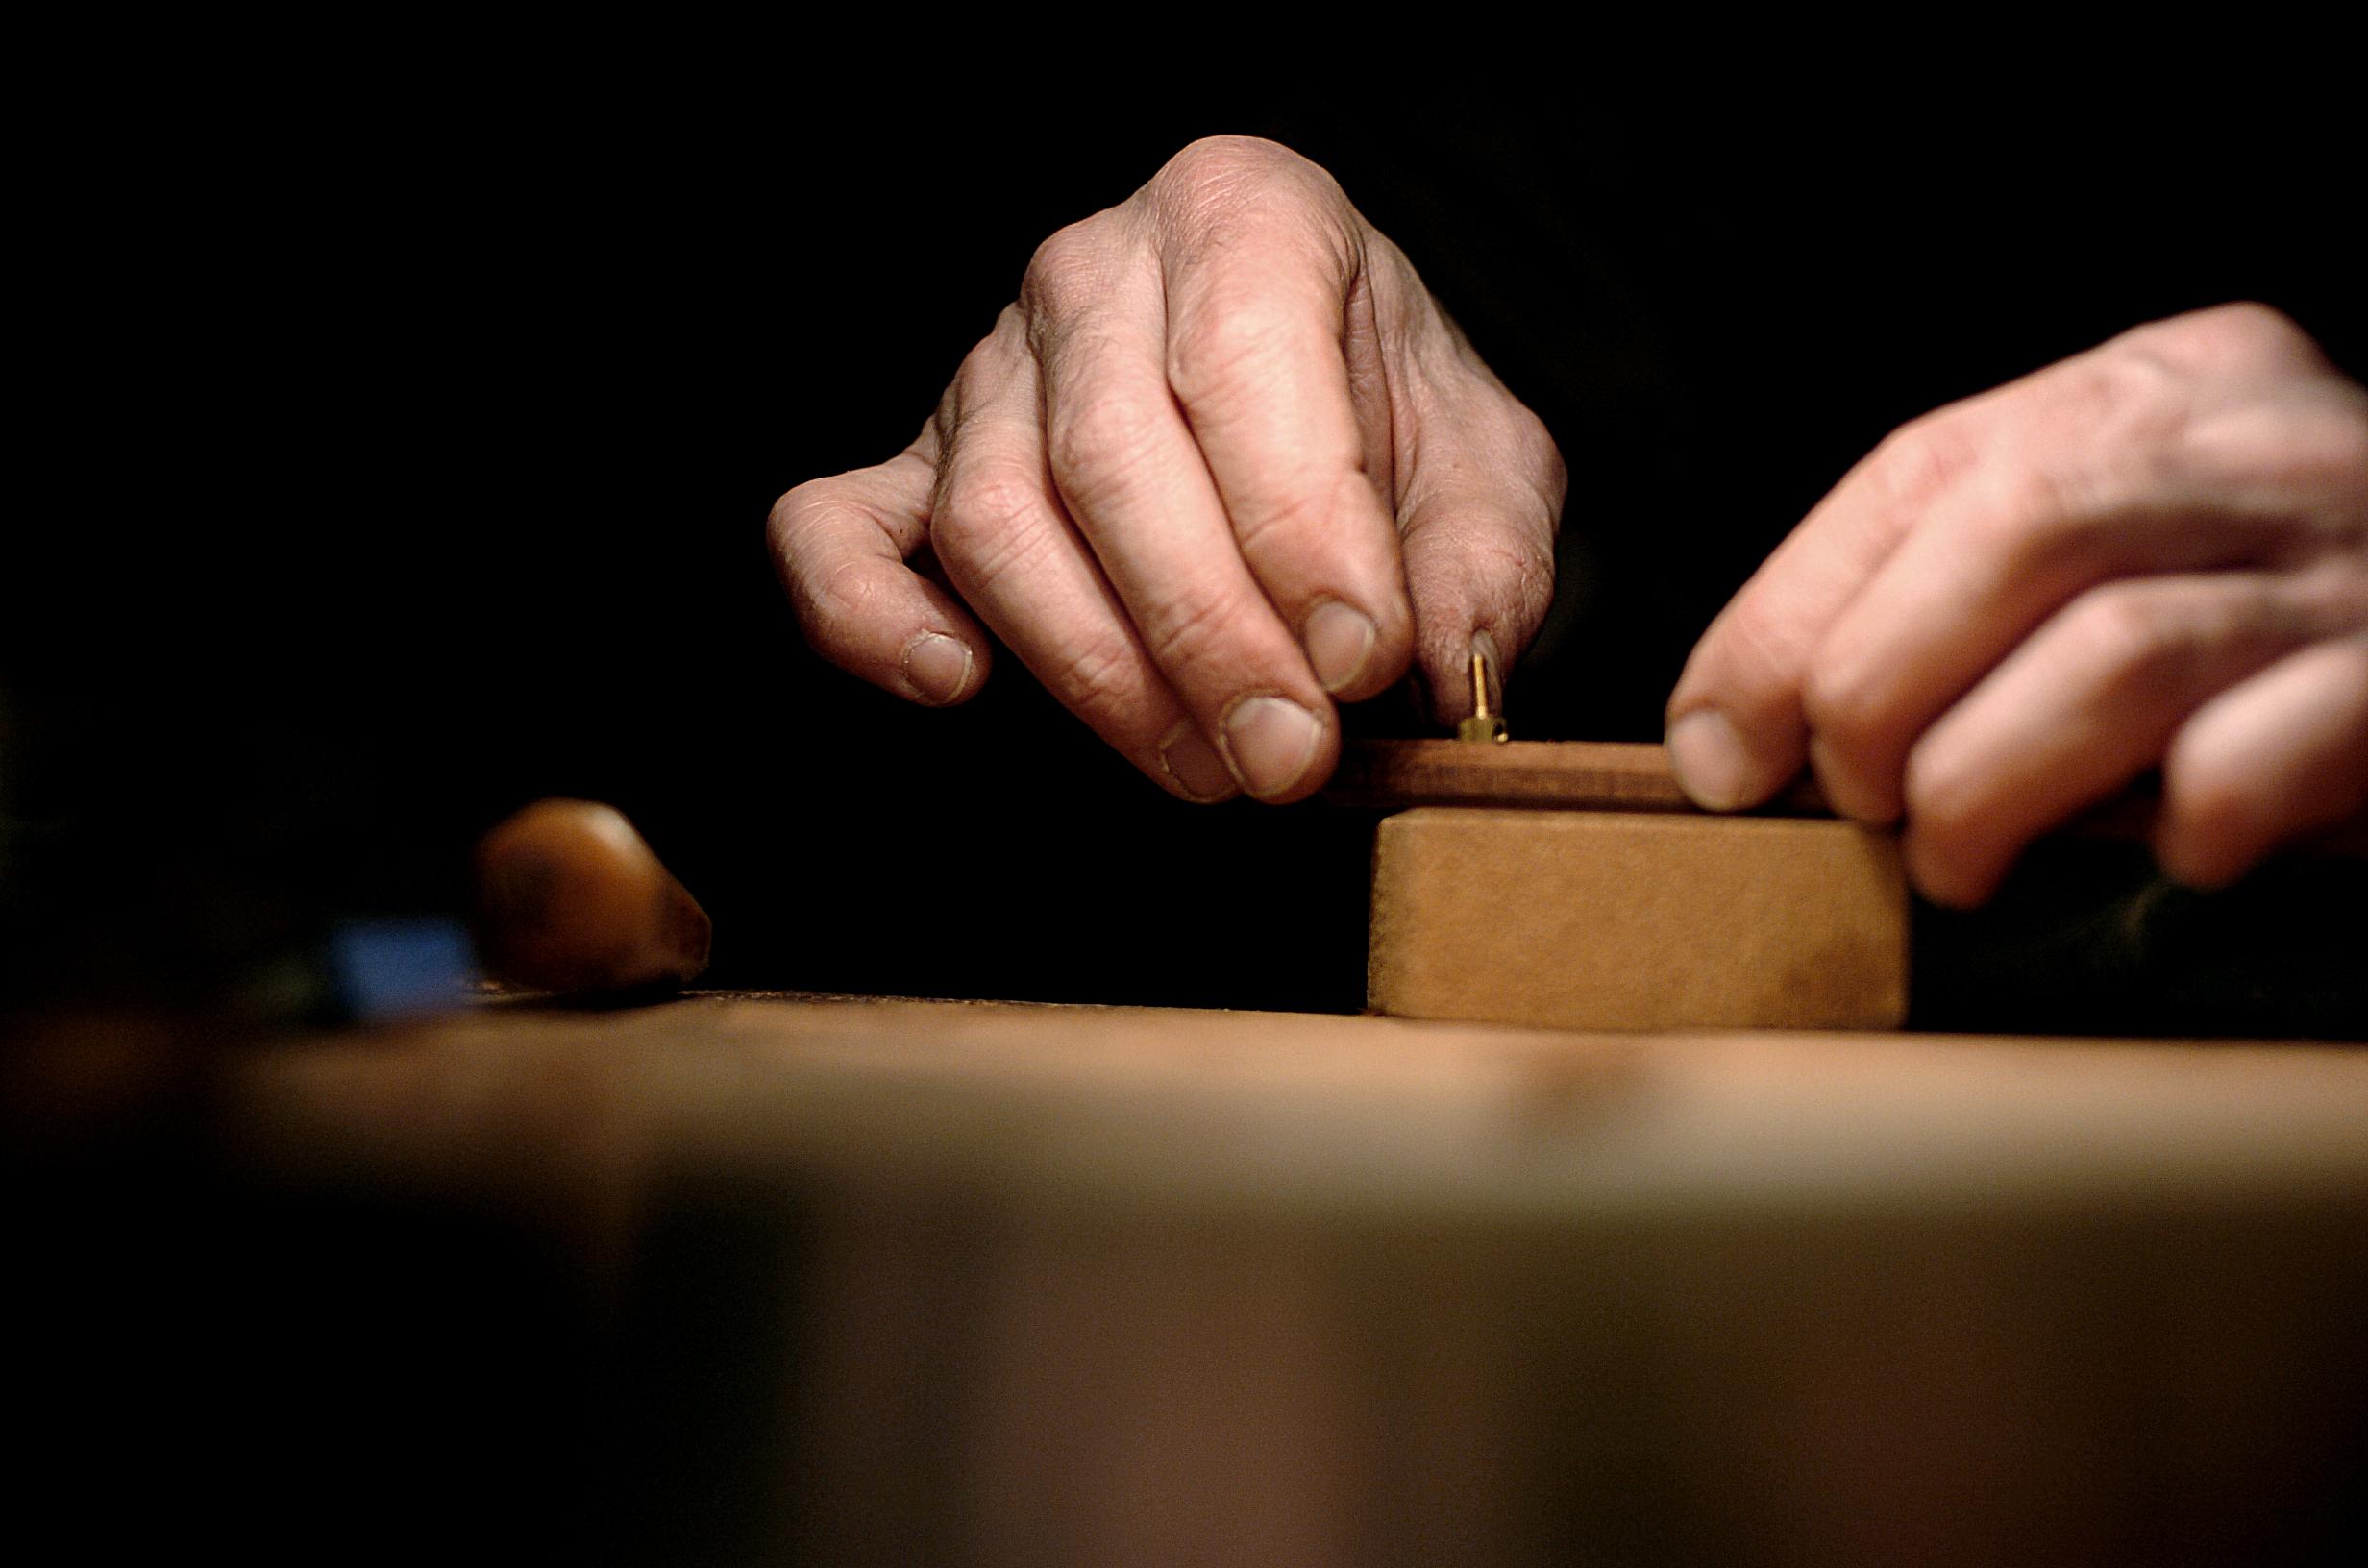 pascal camurat luthier et archetier montpellier depuis 1984 pascal camurat. Black Bedroom Furniture Sets. Home Design Ideas